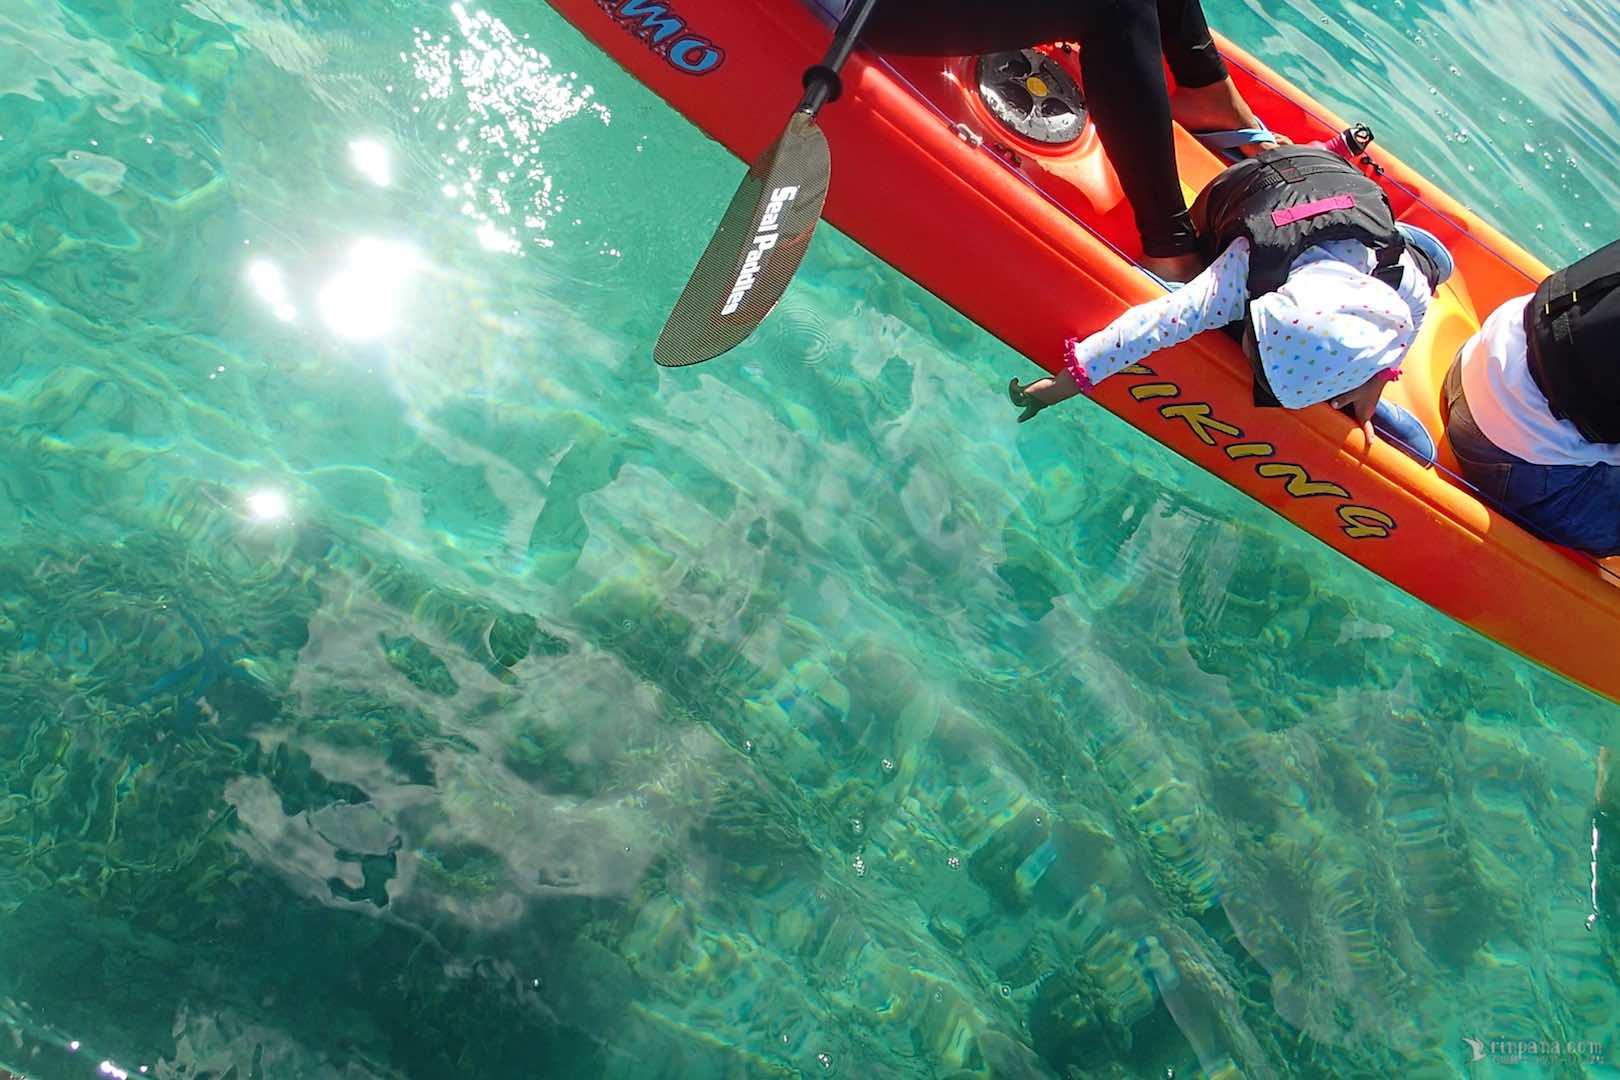 カヌーの上から海底のアオヒトデを指指す少女